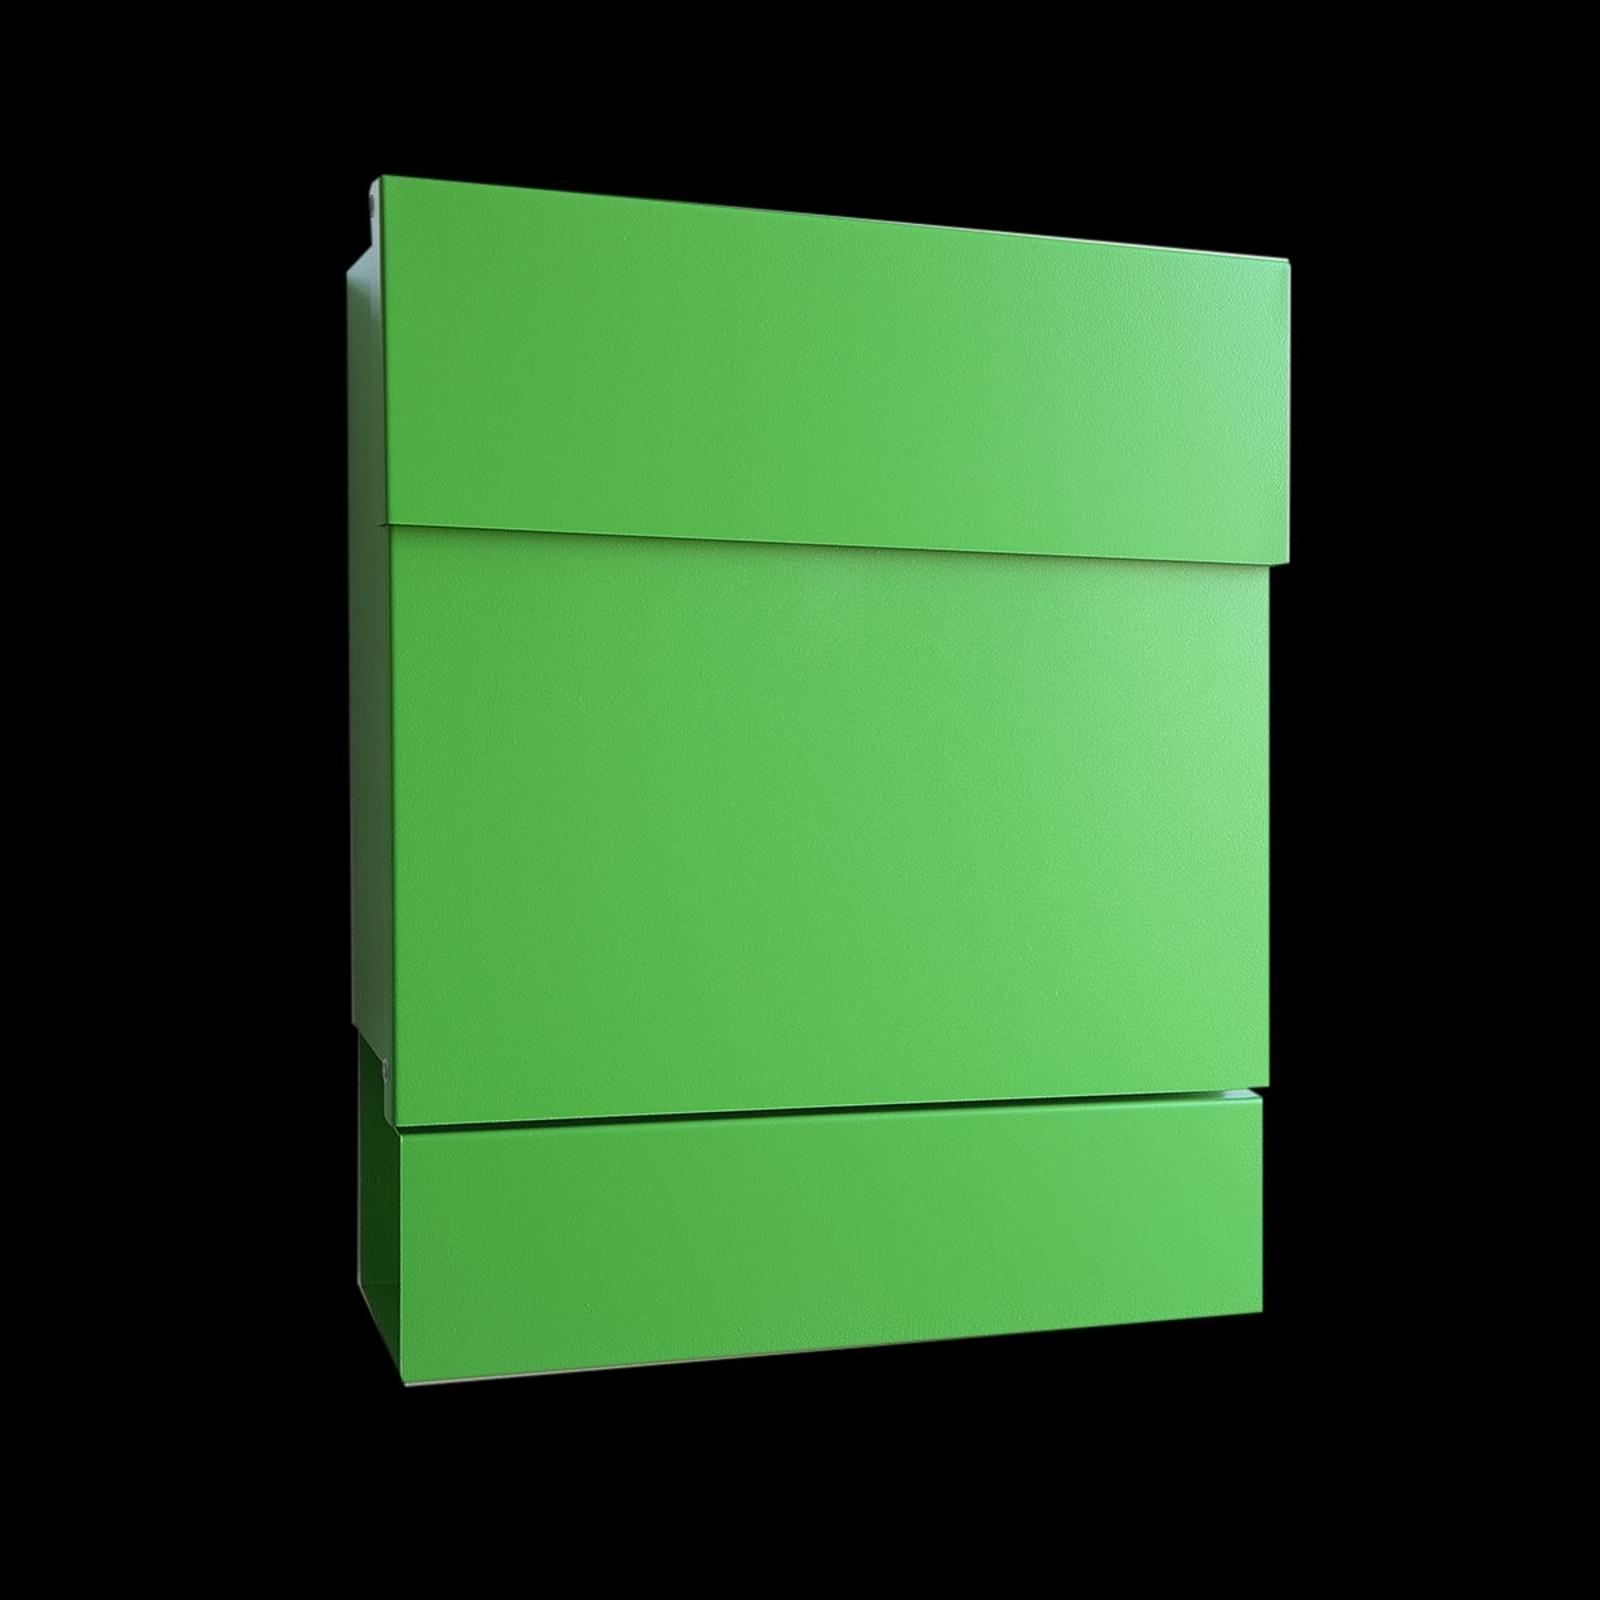 Romslig postkasse Letterman V, avisholder, grønn